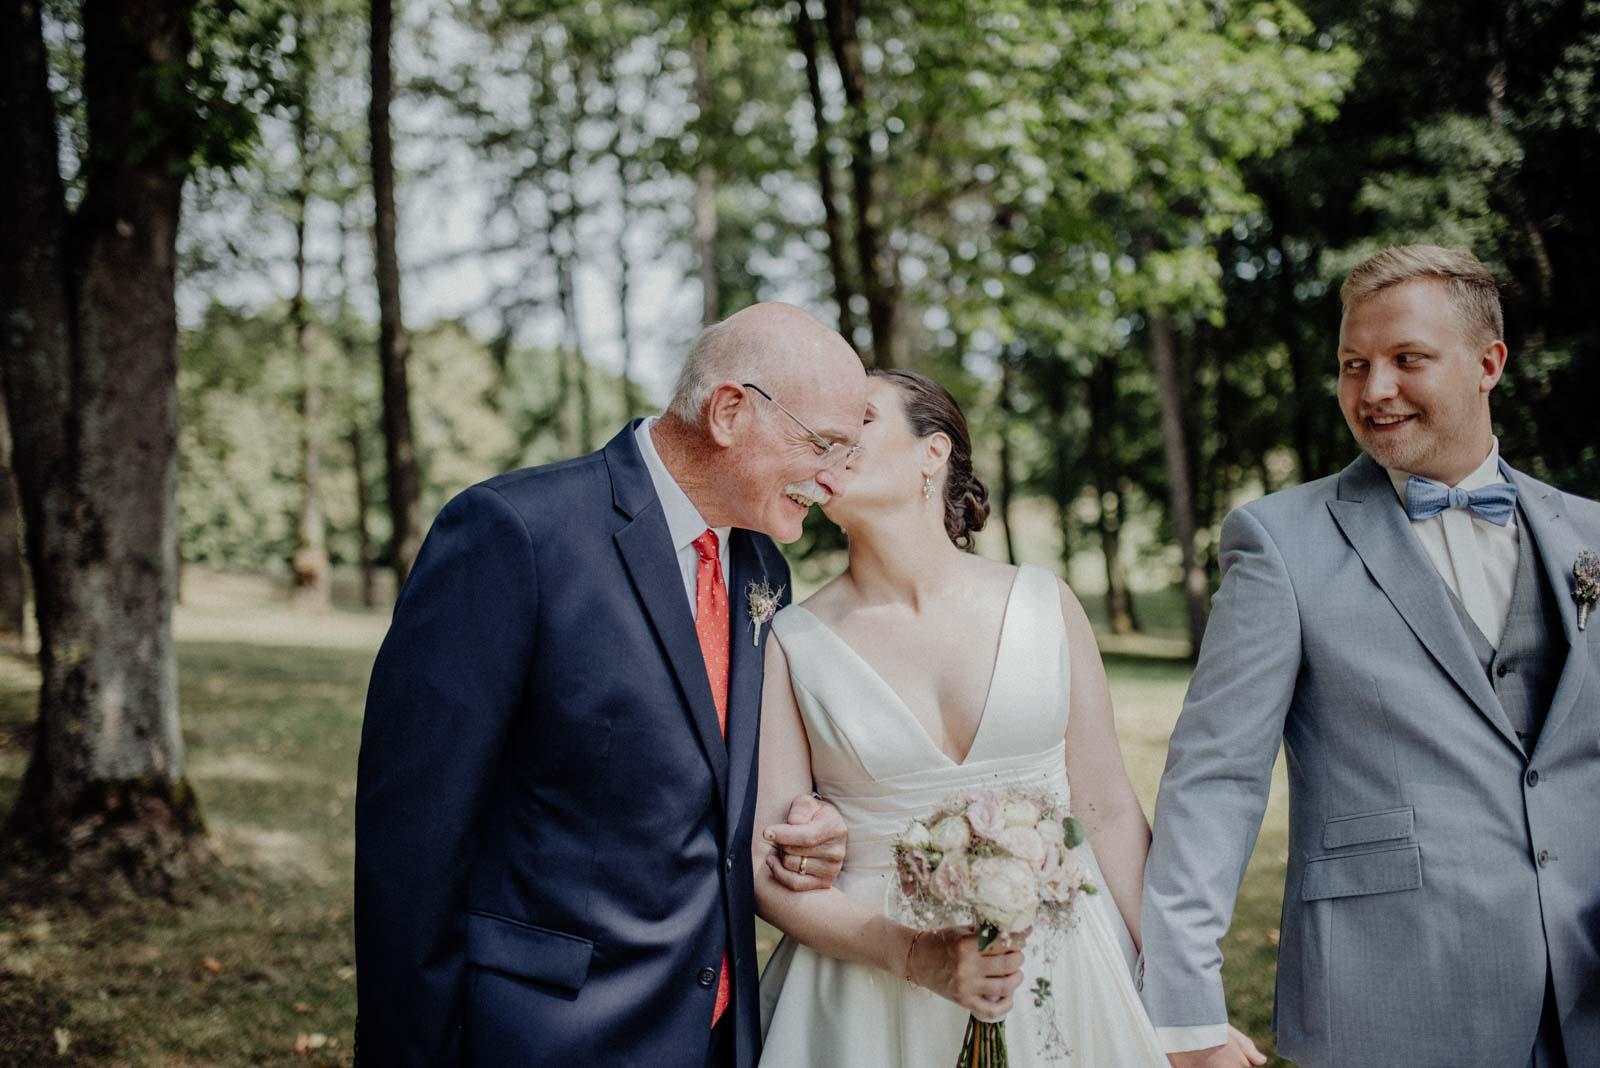 Ein Kuss auf die Wange für den Brautvater